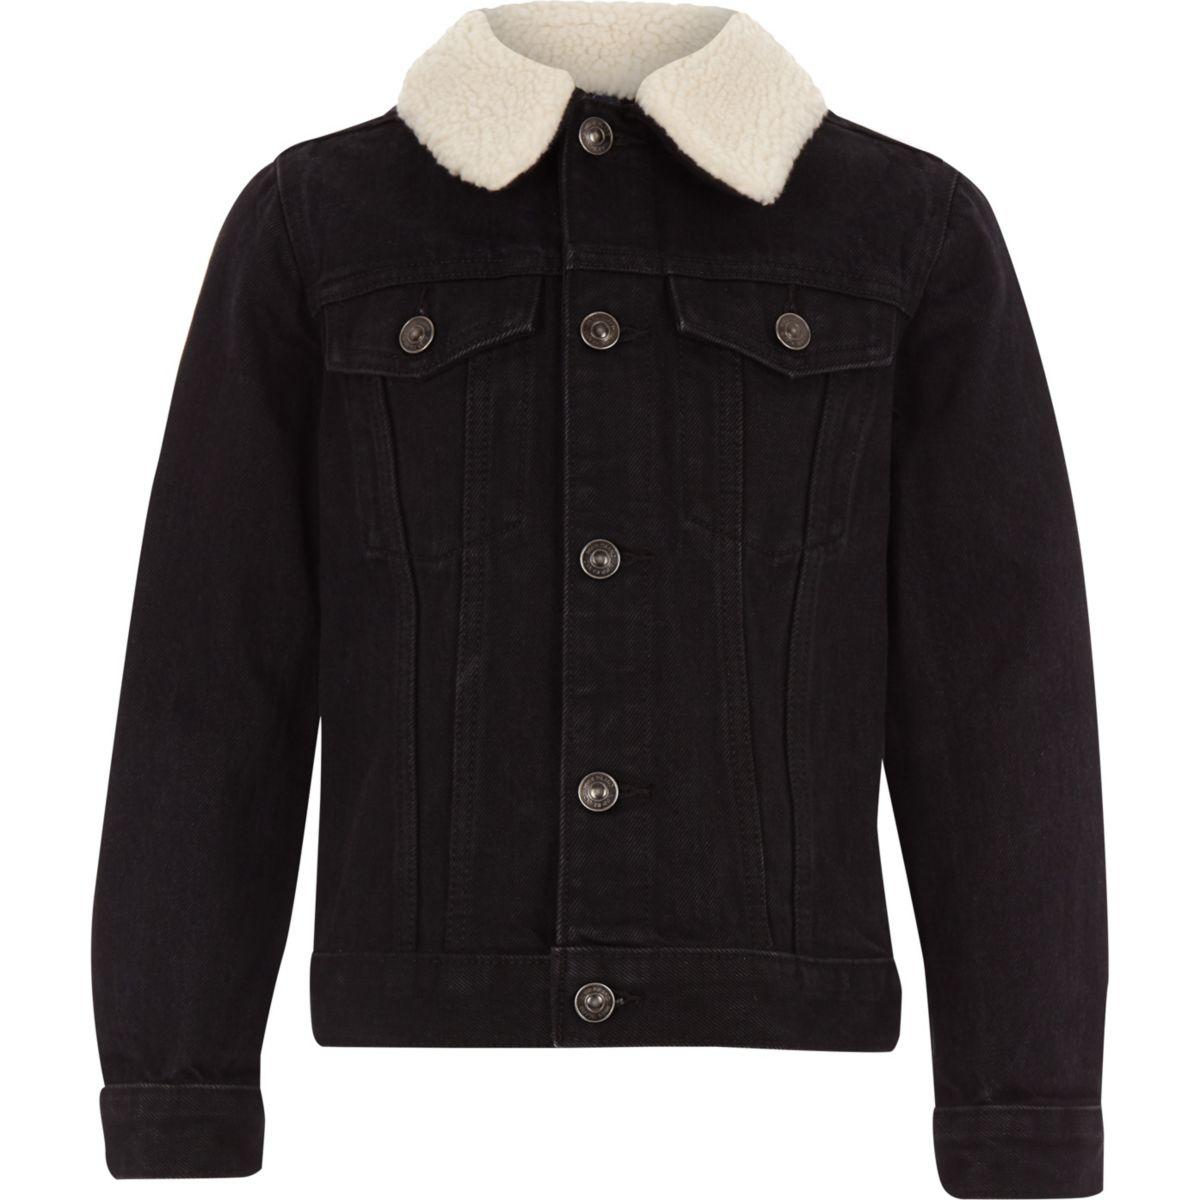 Veste en jean noire avec imitation mouton pour garçon